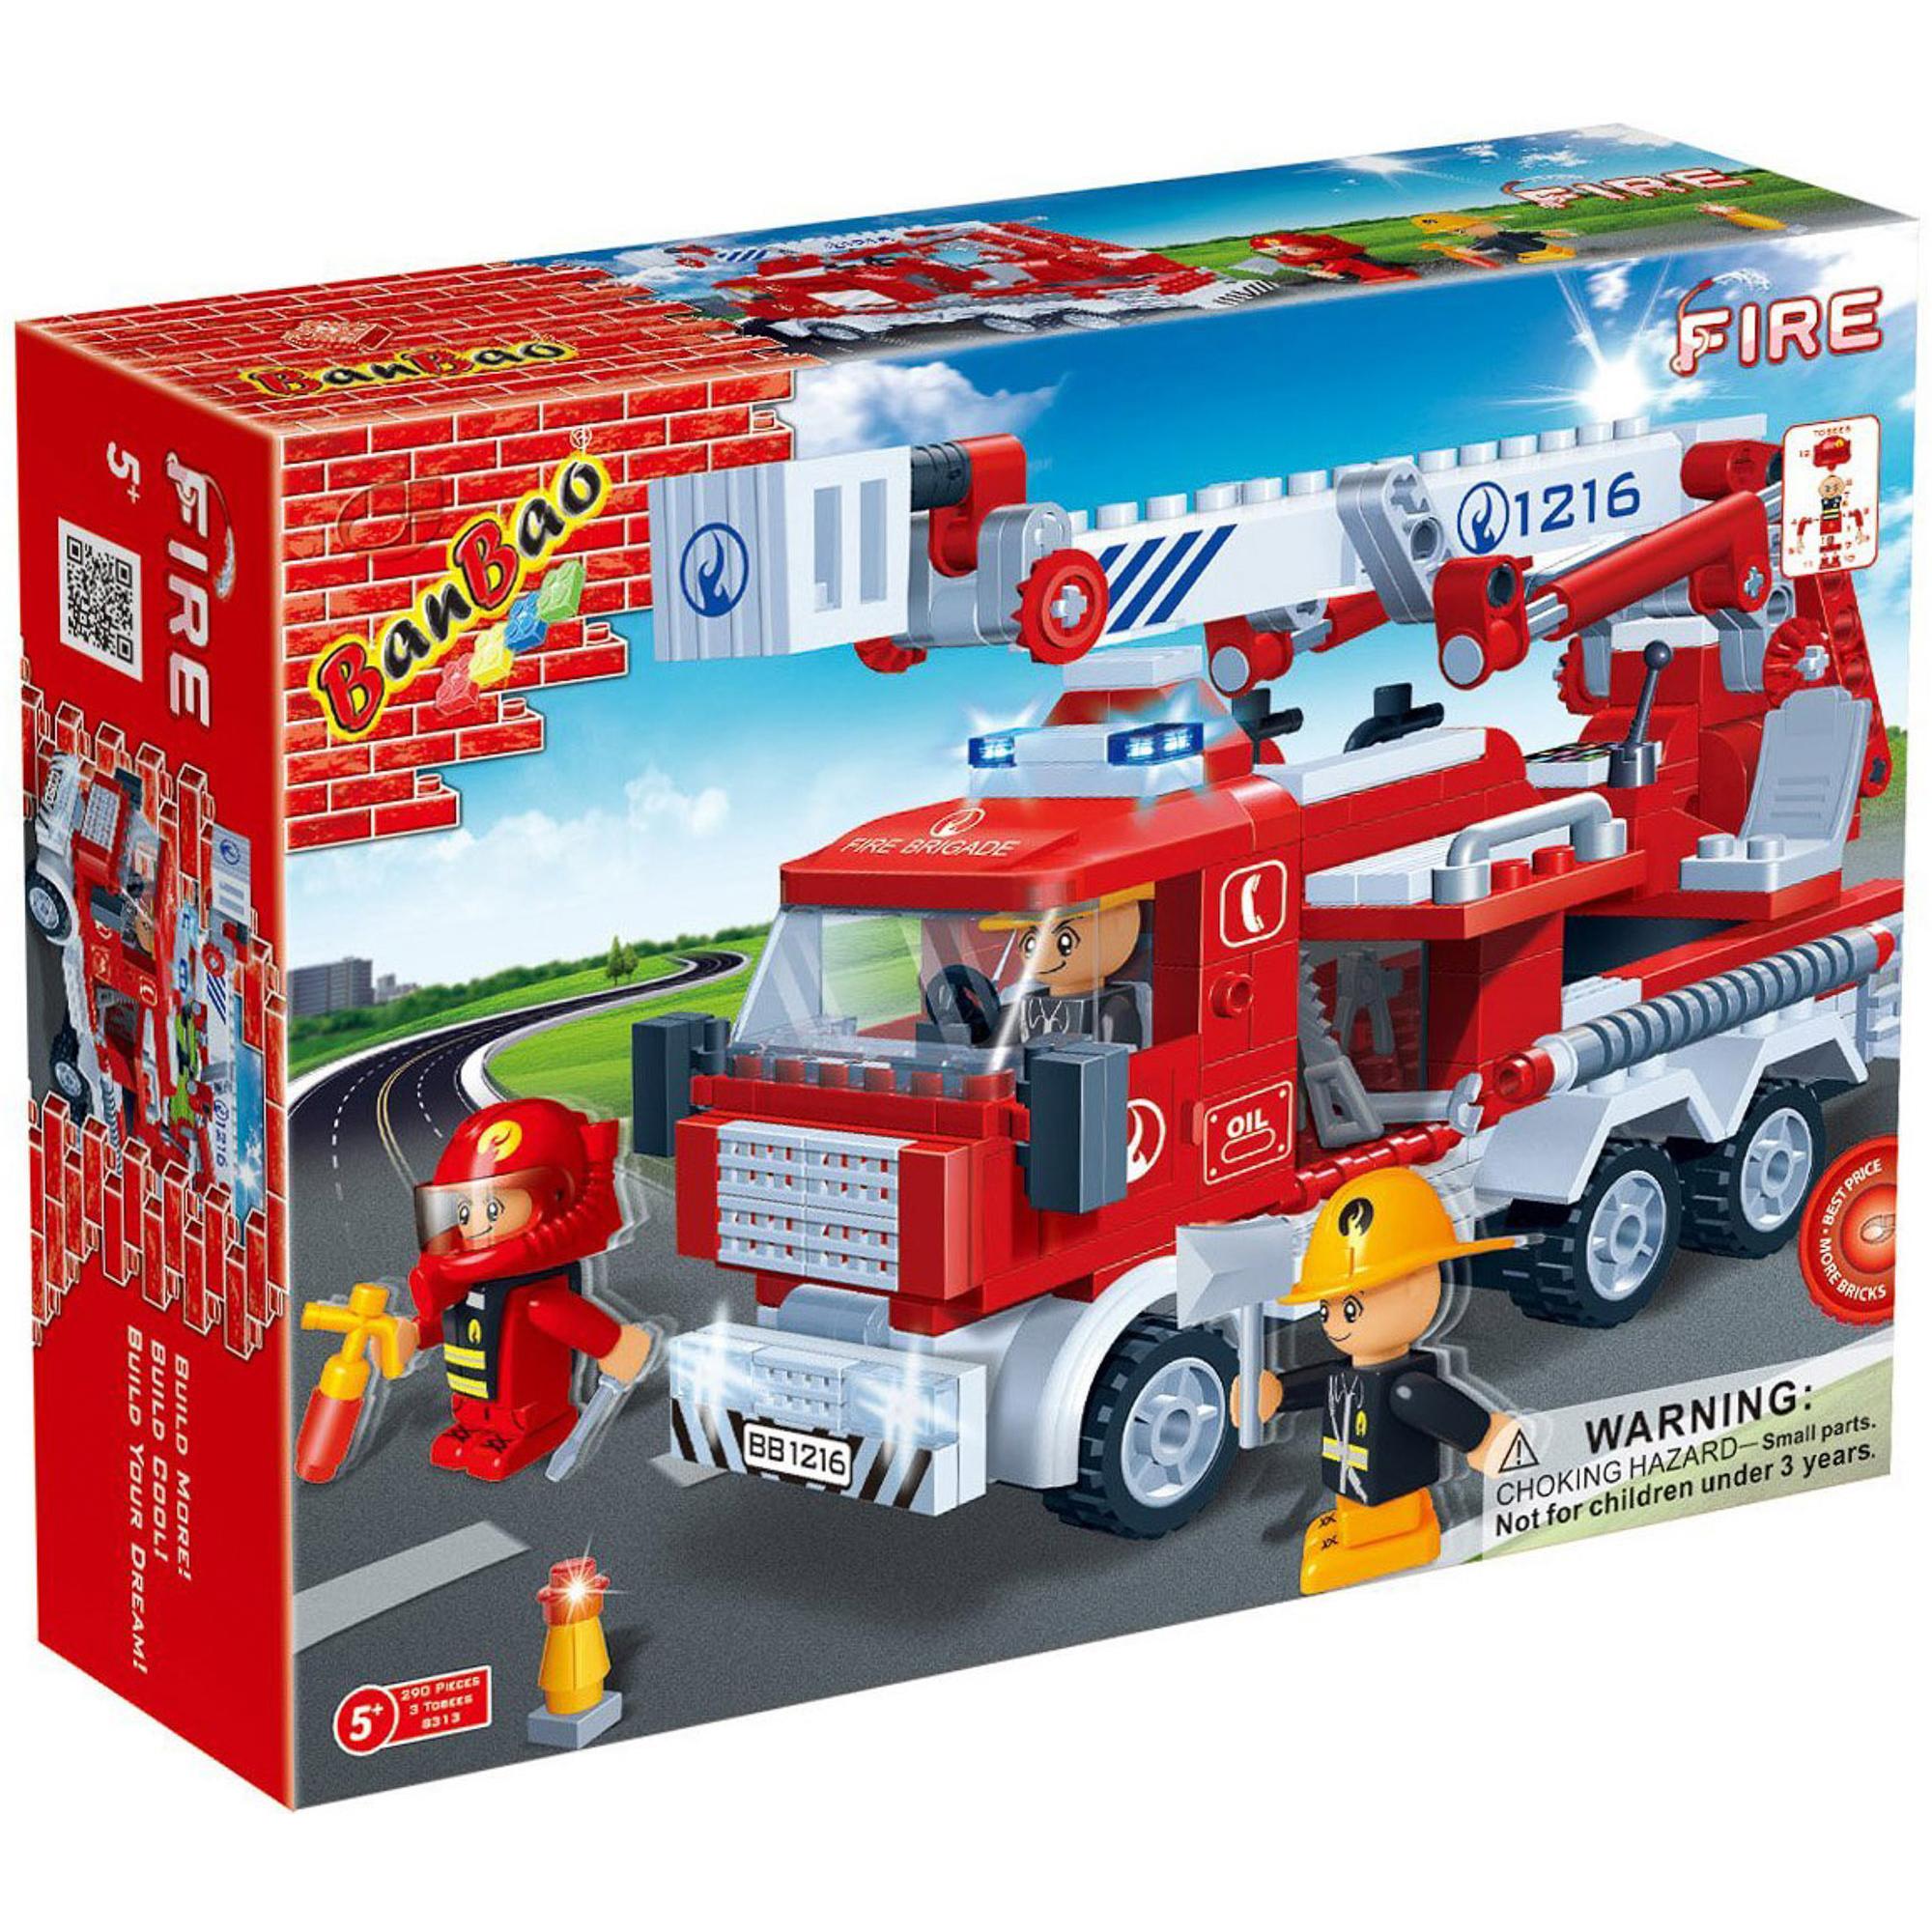 Конструктор Banbao Большая пожарная машина 8313 фото